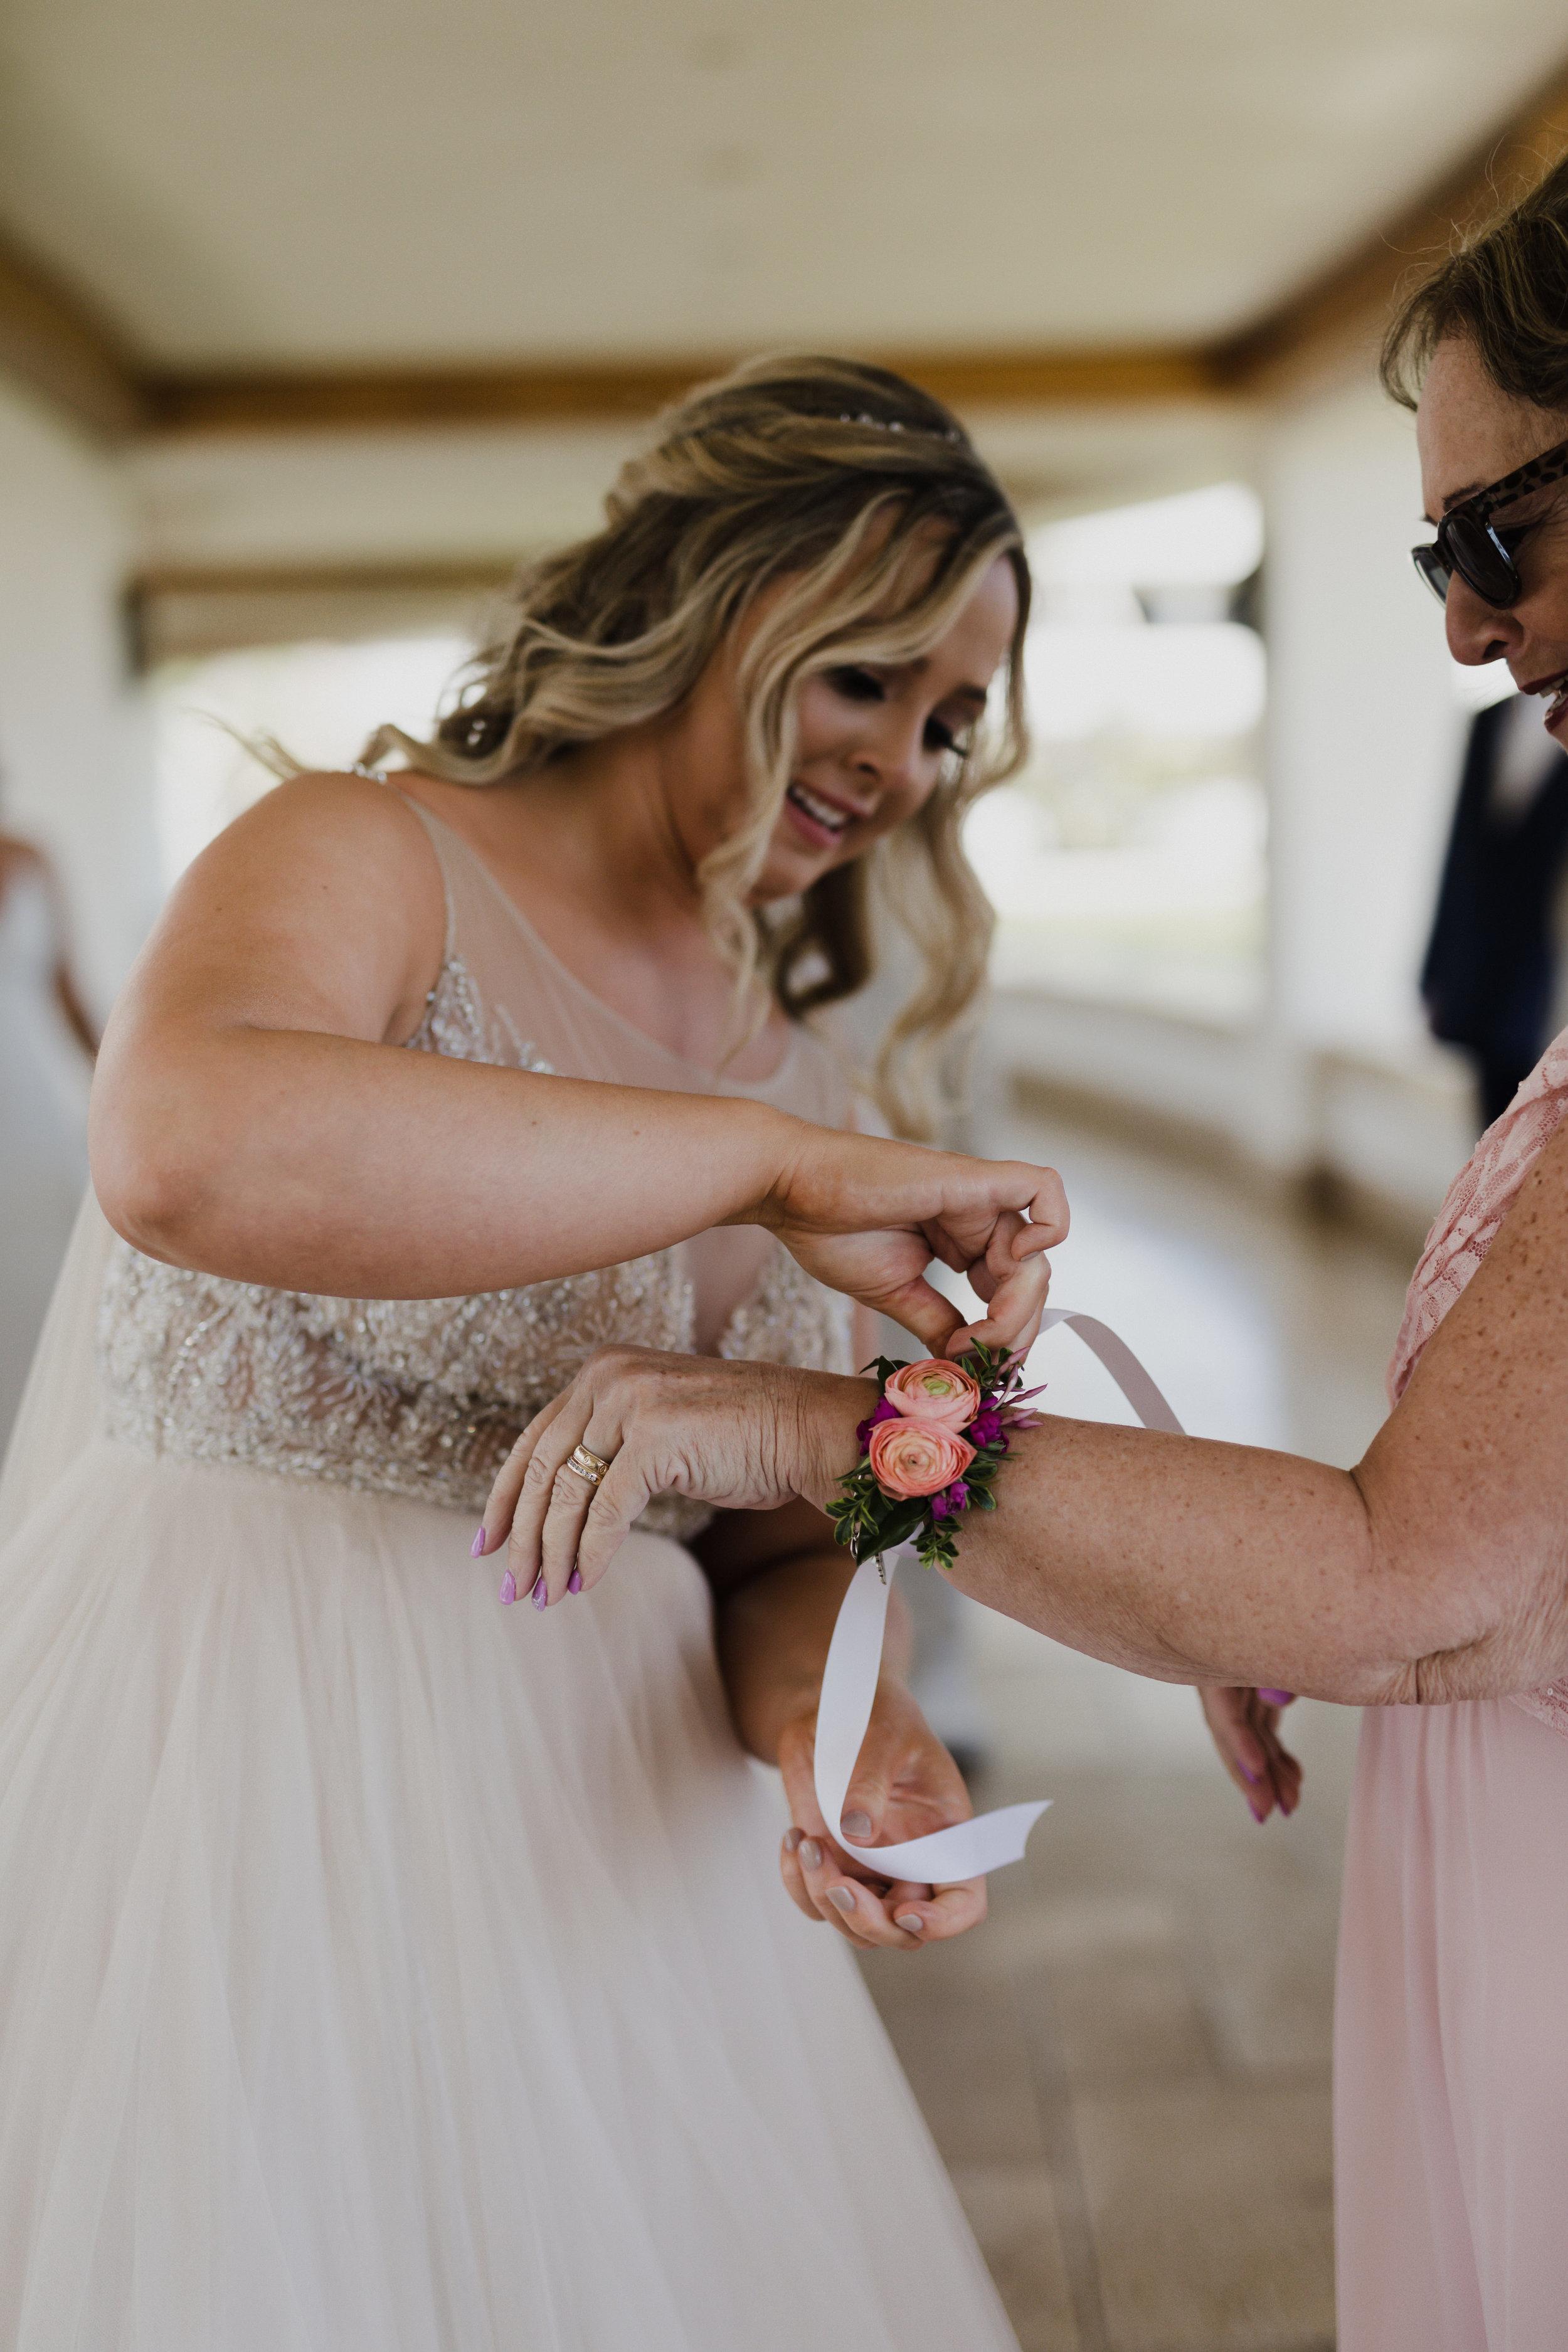 Stephanie-Betsill-Photography-Maui-Photographer-Hawaii-Wedding-Photographer--8.jpg